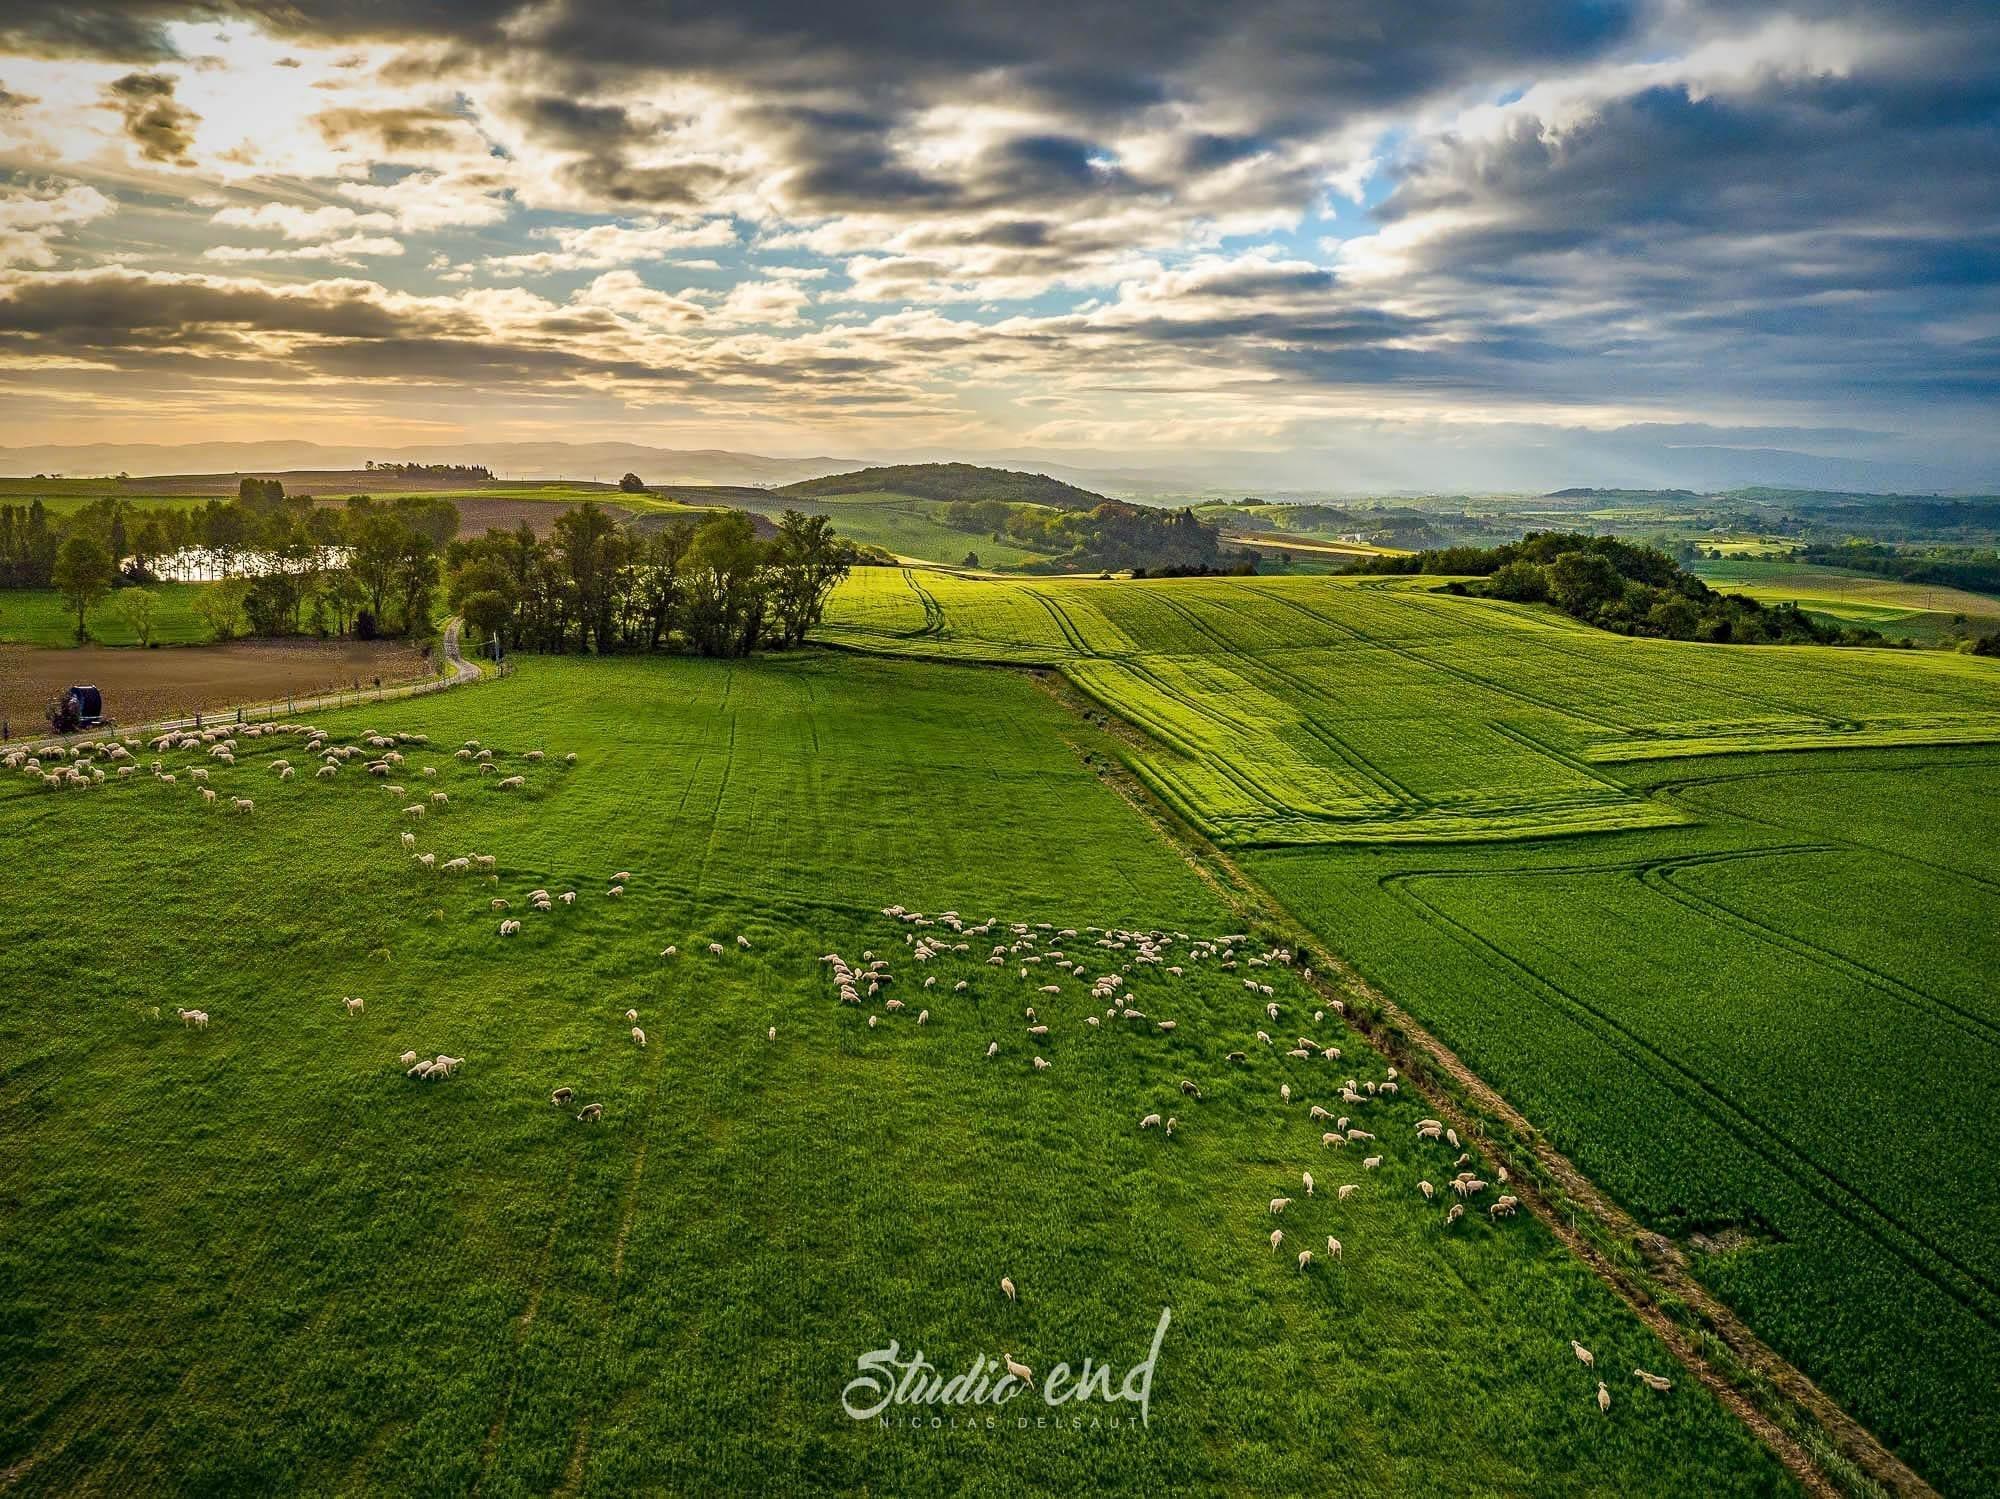 prise de vue drone sur la campagne de l'Aude, photographe